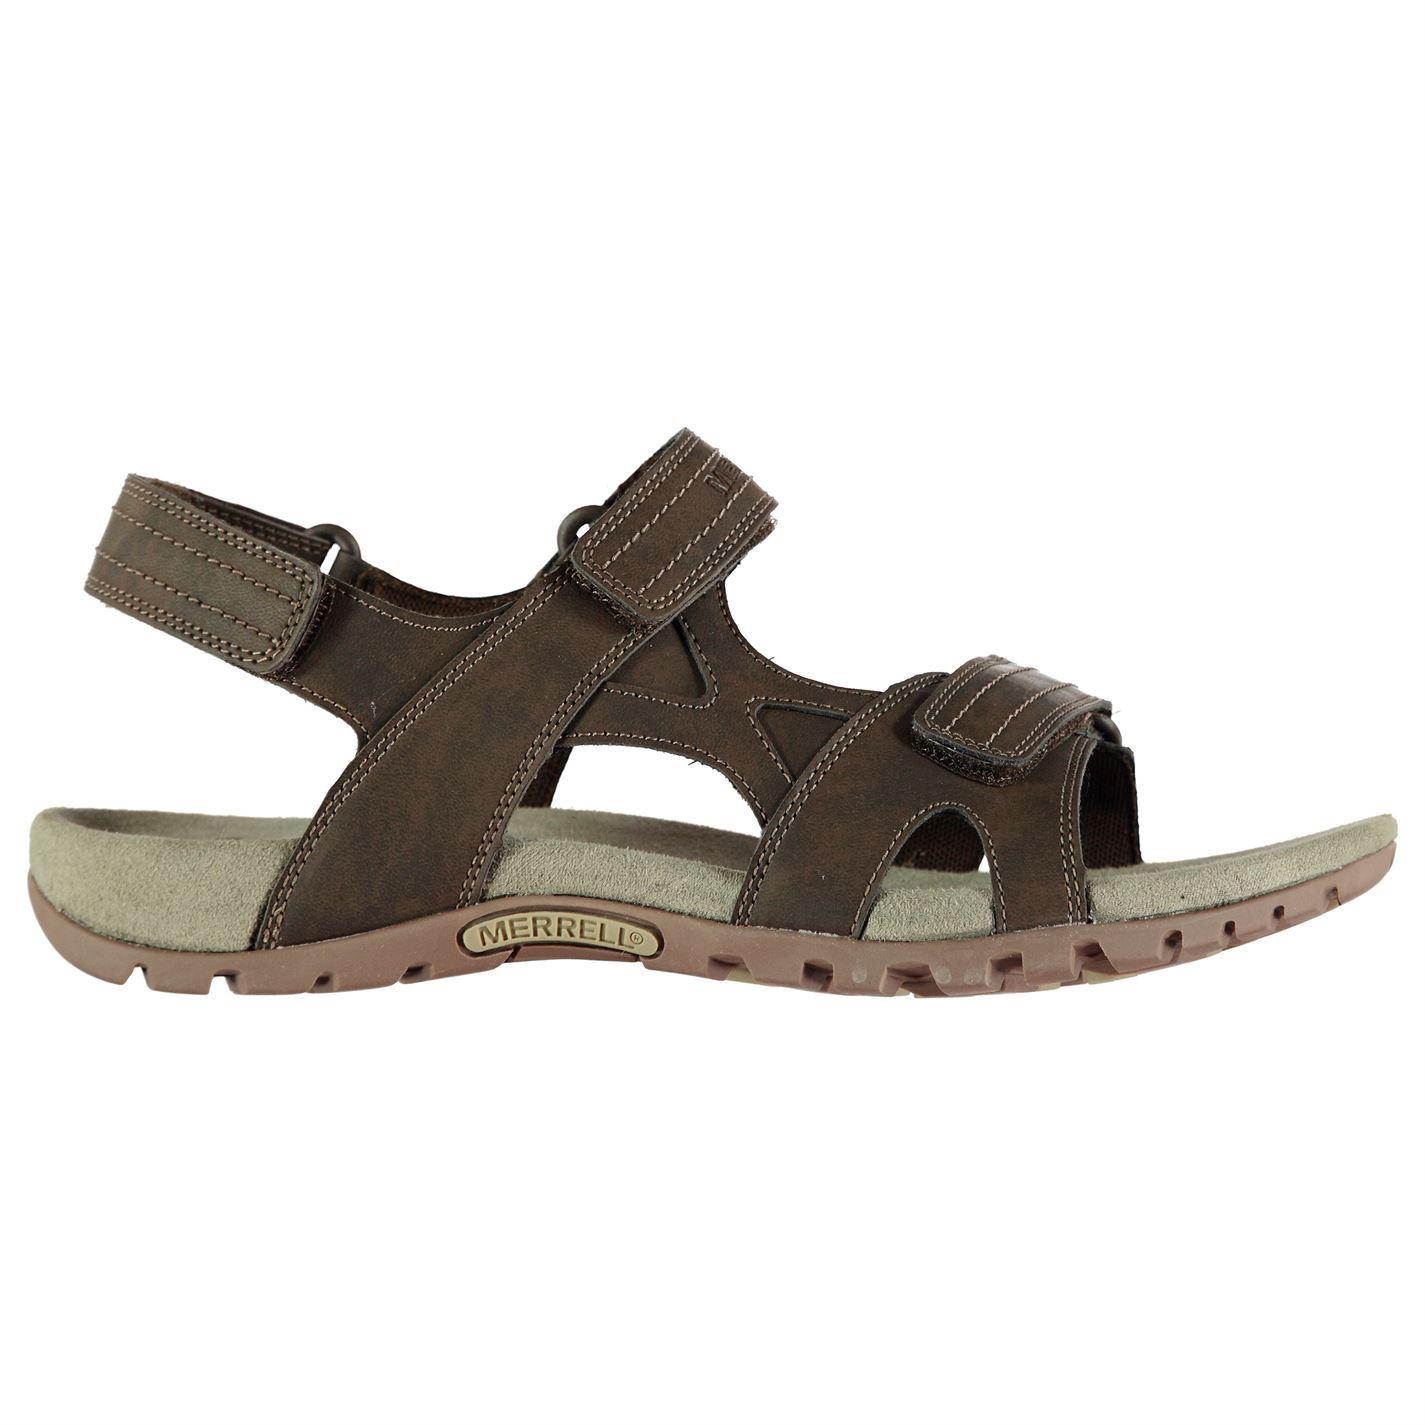 Merrell-Sandspur-Rift-Strap-Mens-Sandals-Outdoor-Footwear-Flip-Flops thumbnail 6